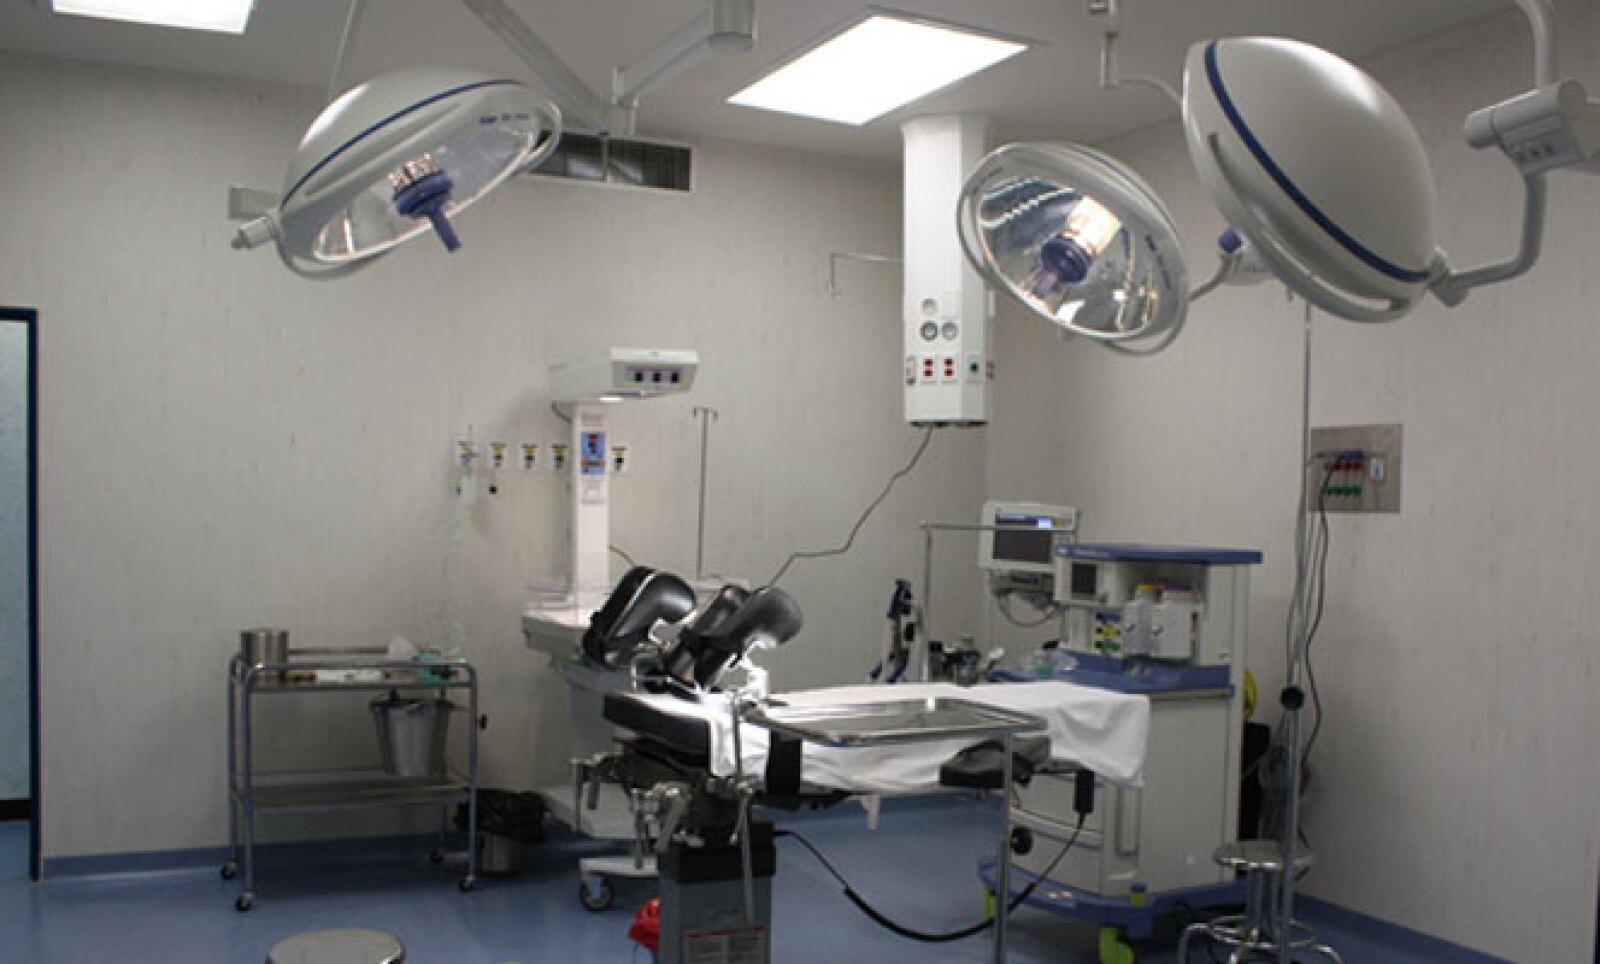 Para el equipamiento médico de alta tecnología, este nosocomio requirió de una inversión conjunta de 50 millones de pesos, entre el Gobierno de Guerrero y la Fundación Gonzalo Río Arronte.